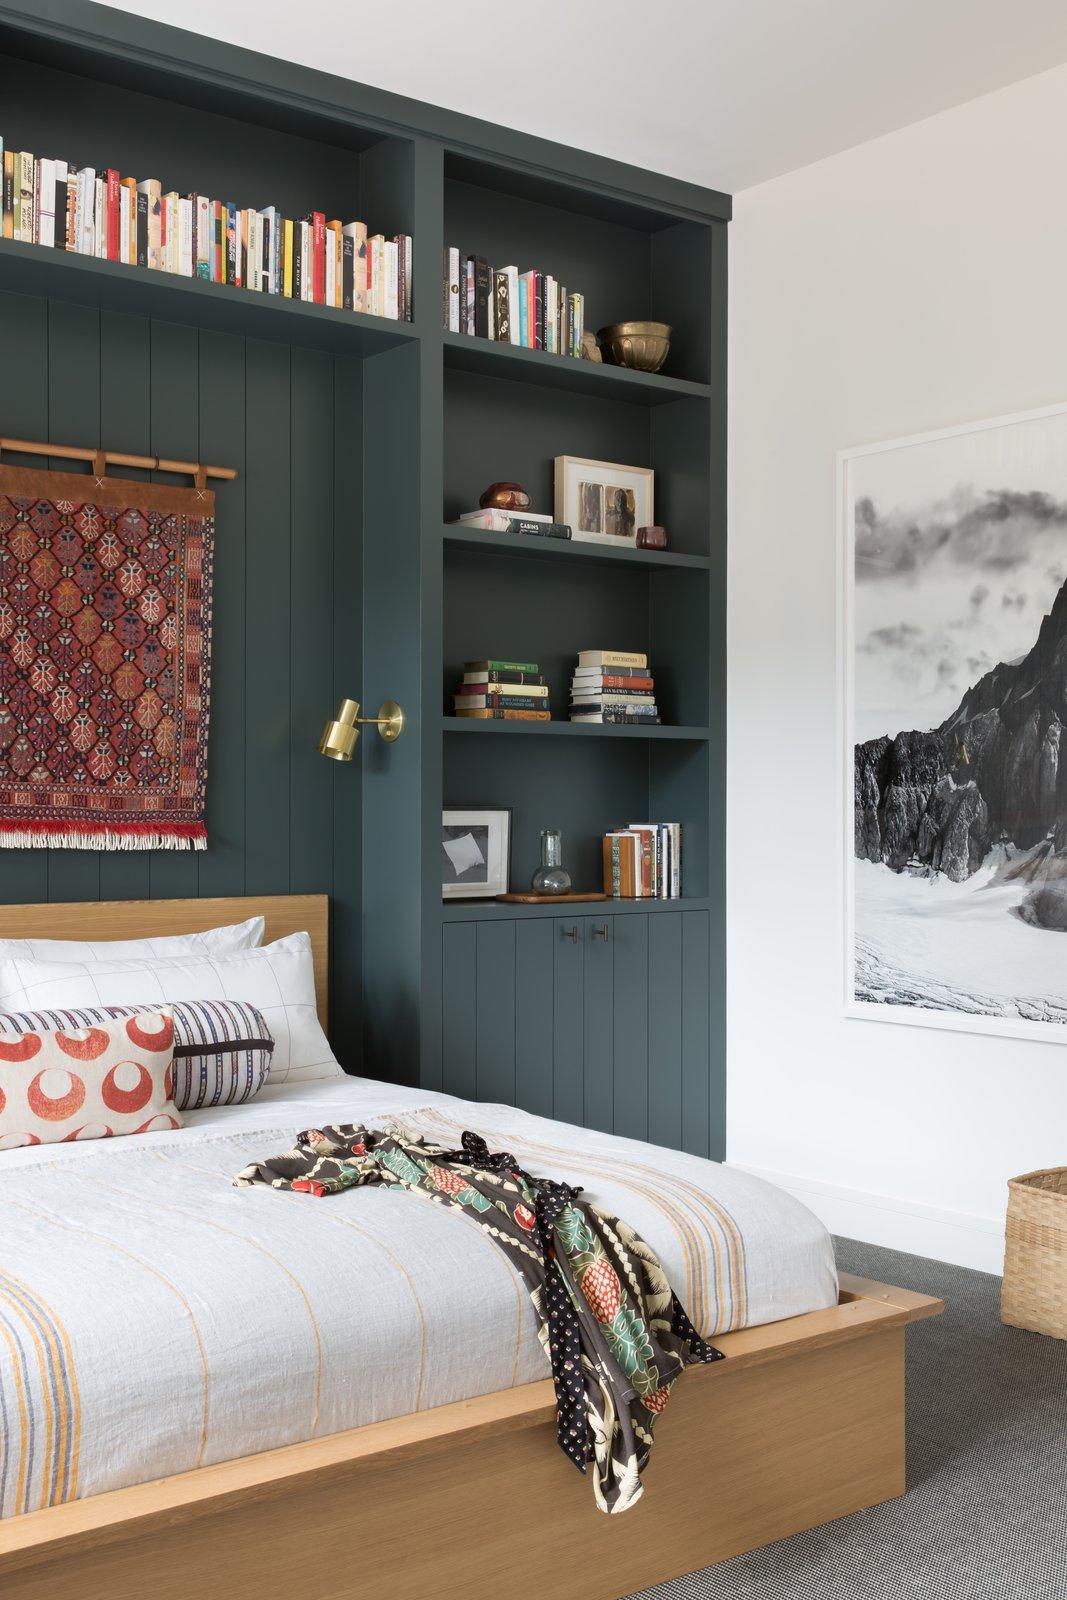 Design by  Brittni Mehlhoff of Paper & Stitch